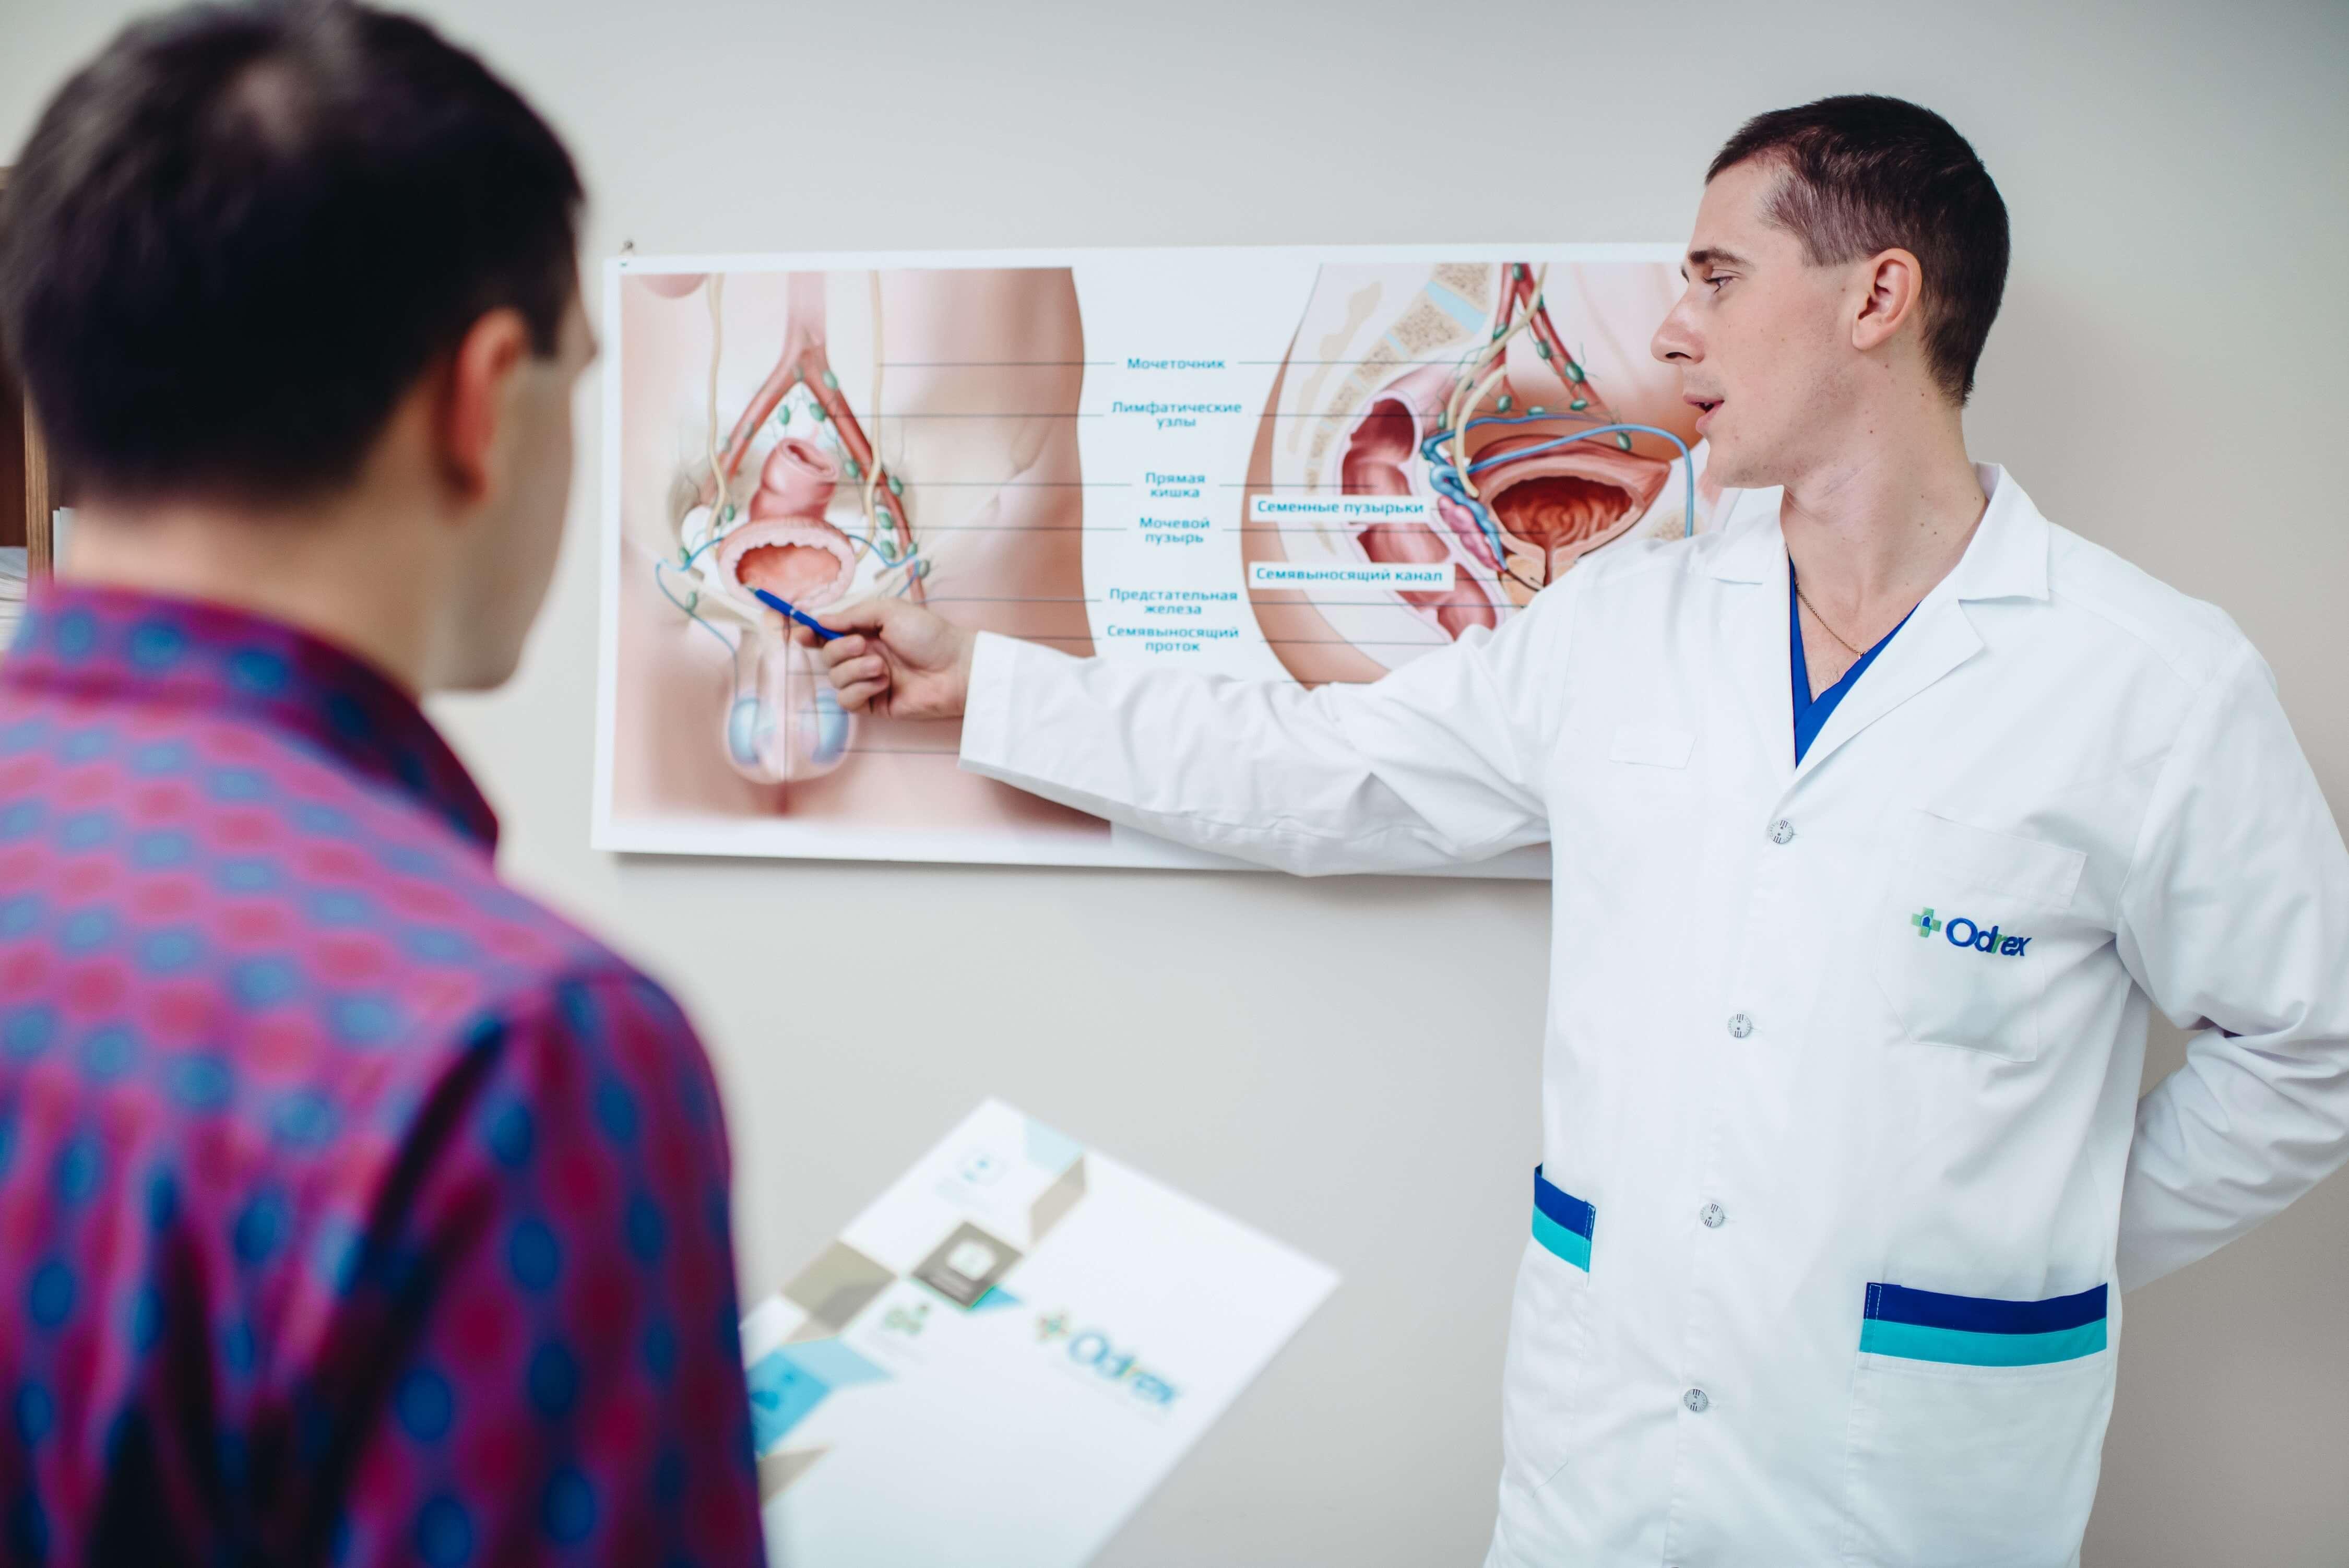 врач показывает схему мочеполовой мужской системы